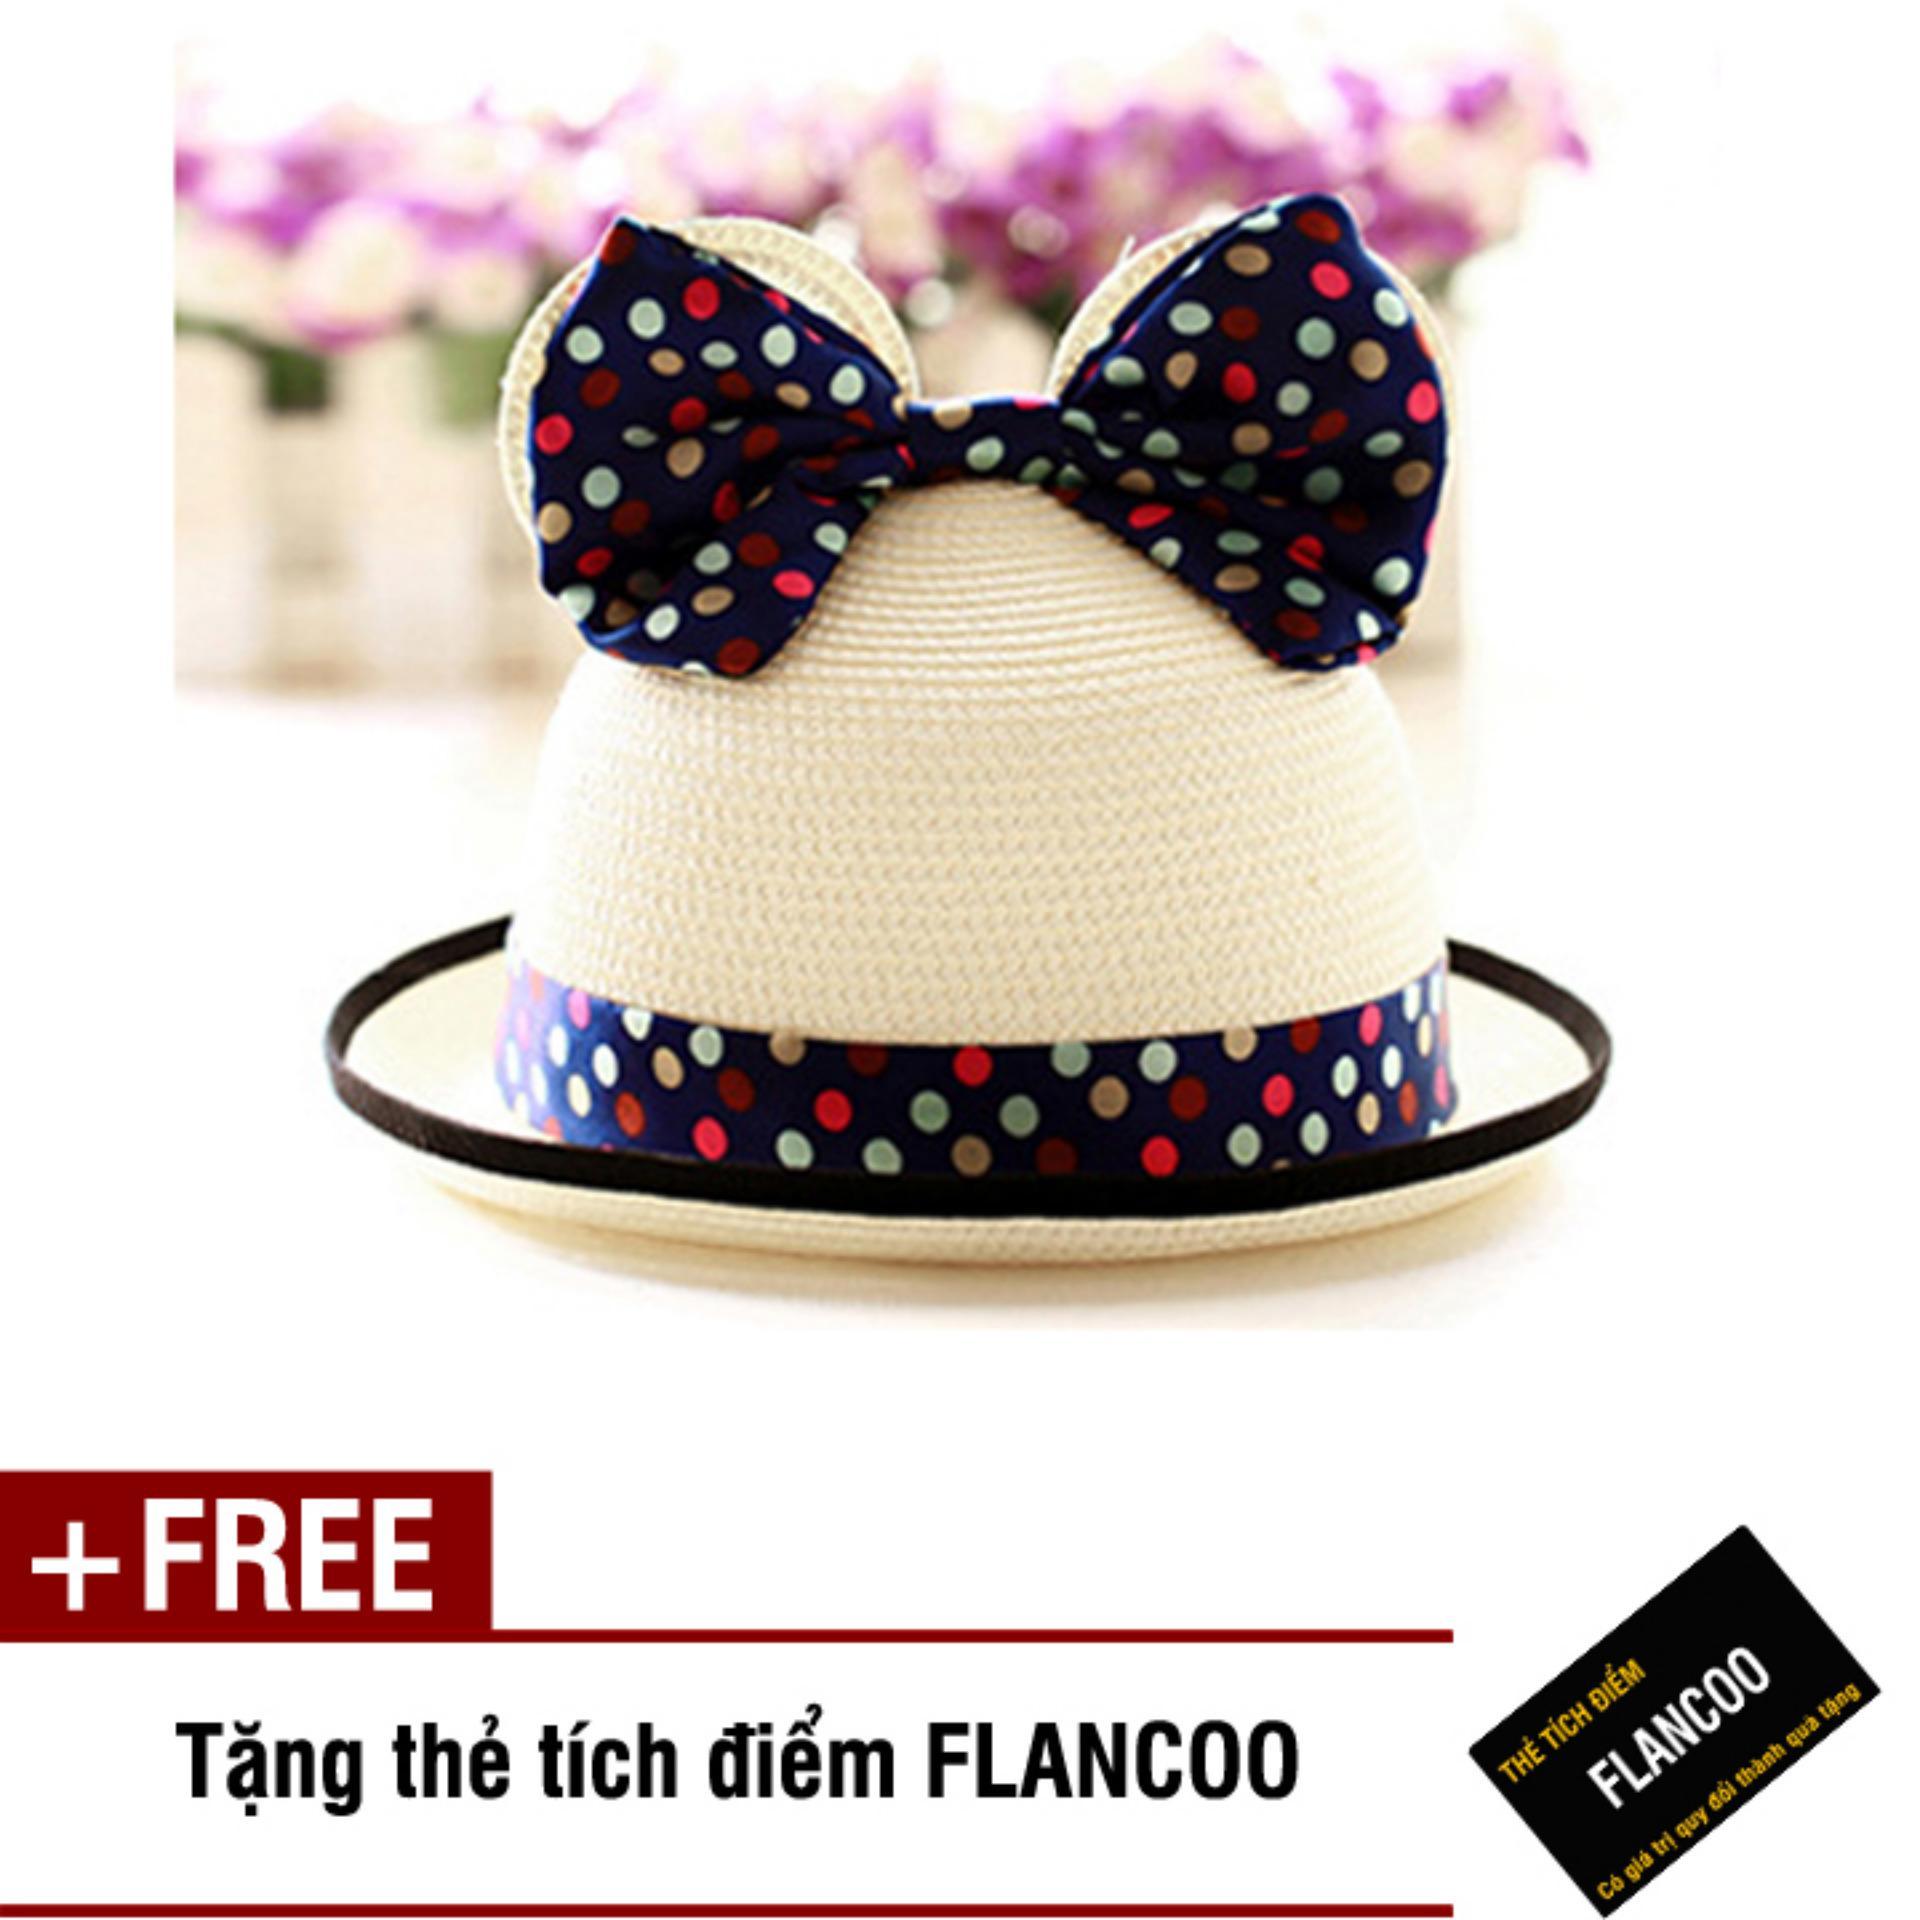 Nón trẻ em chất liệu cói Flancoo 8741 (Kem) + Tặng kèm thẻ tích điểm Flancoo